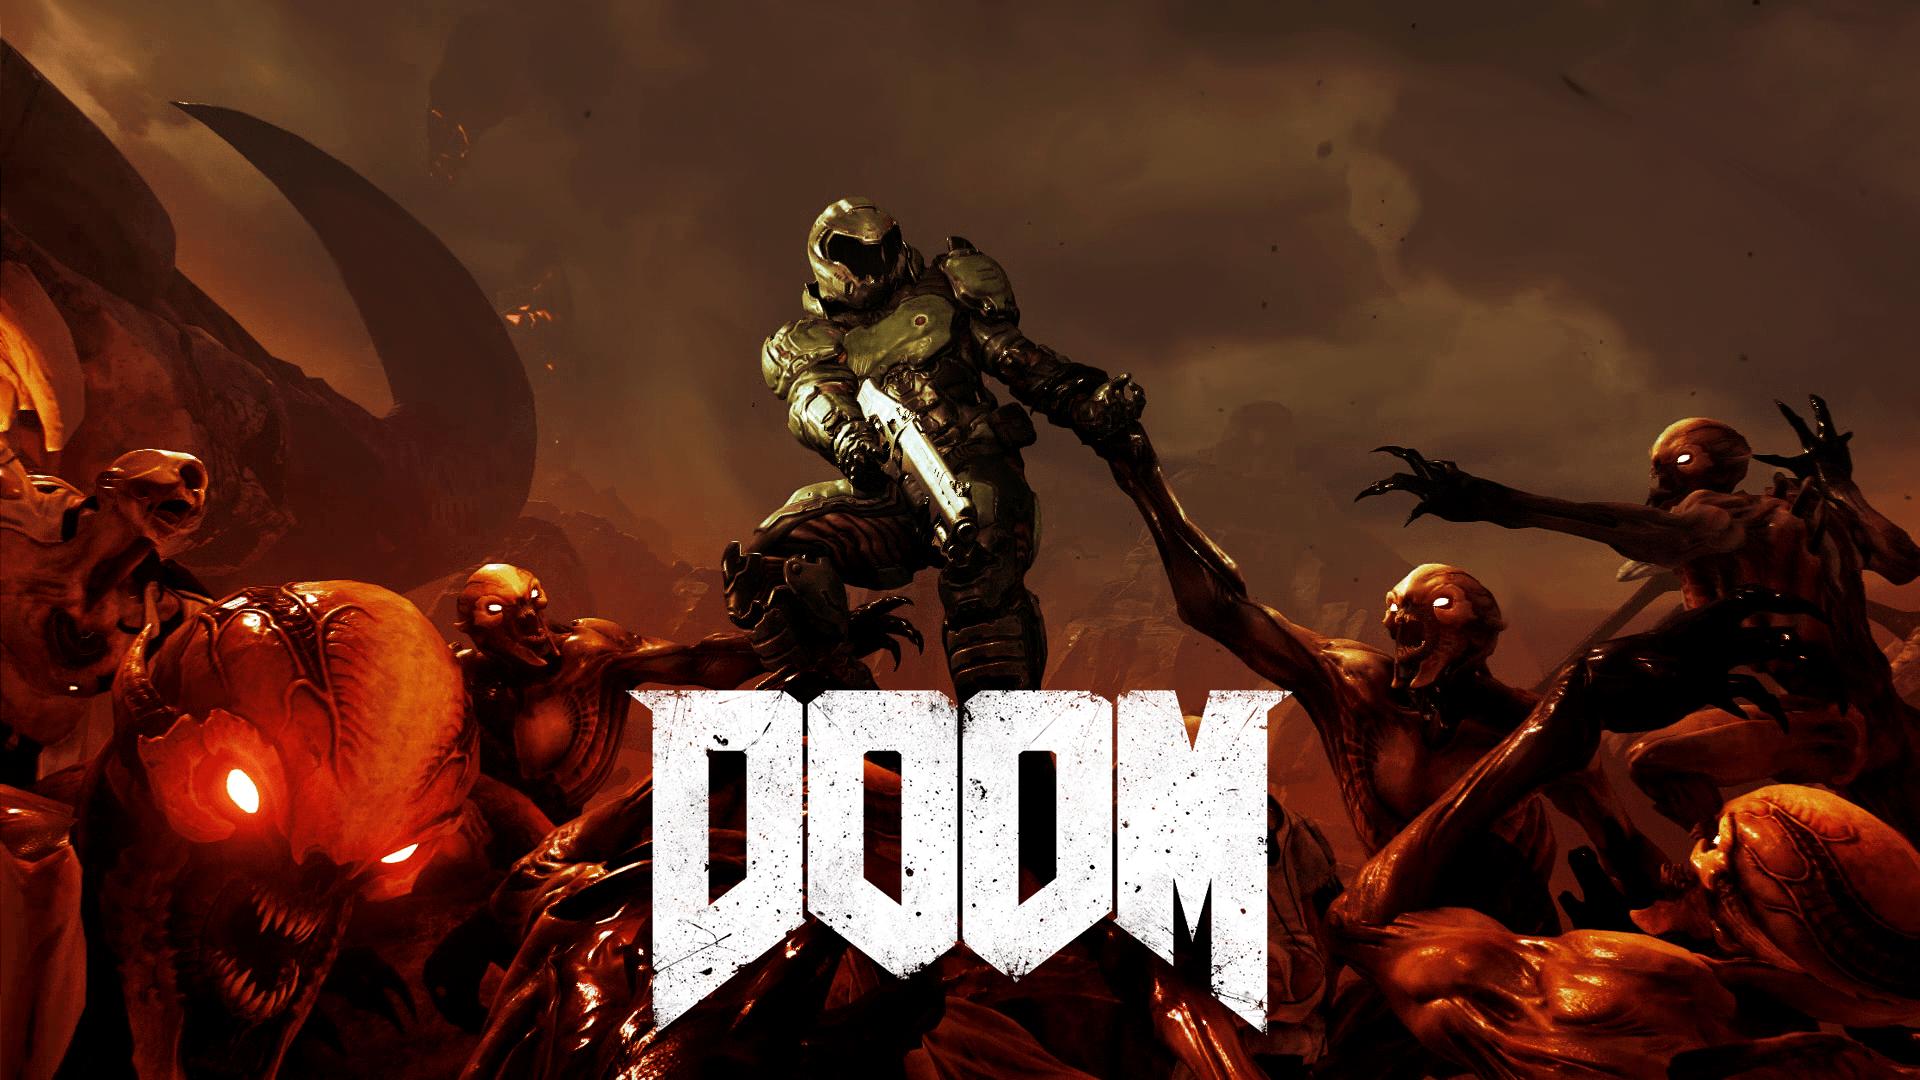 Doom 2016 Wallpapers - Wallpaper Cave